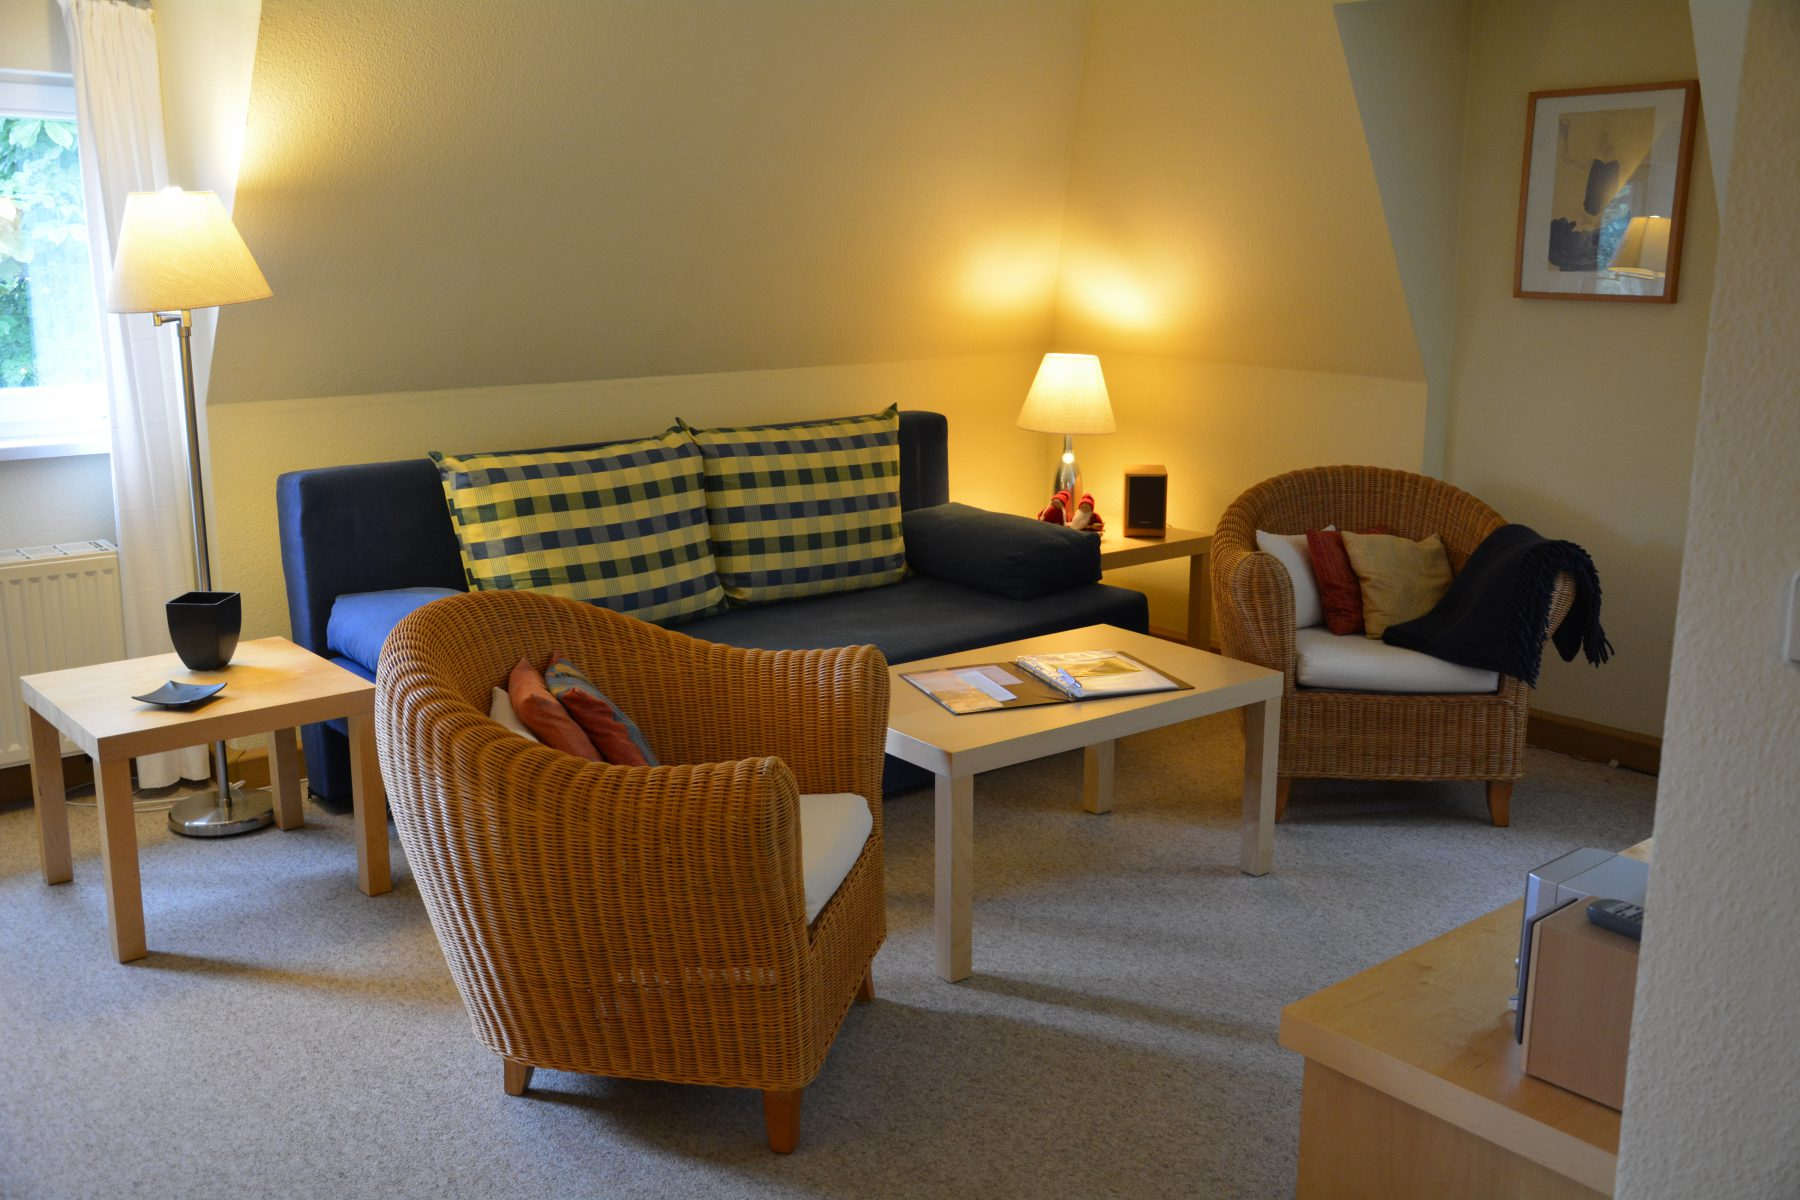 Ferienwohnung im Verlegerhaus Seiffen Kat N1b Wohnzimmer